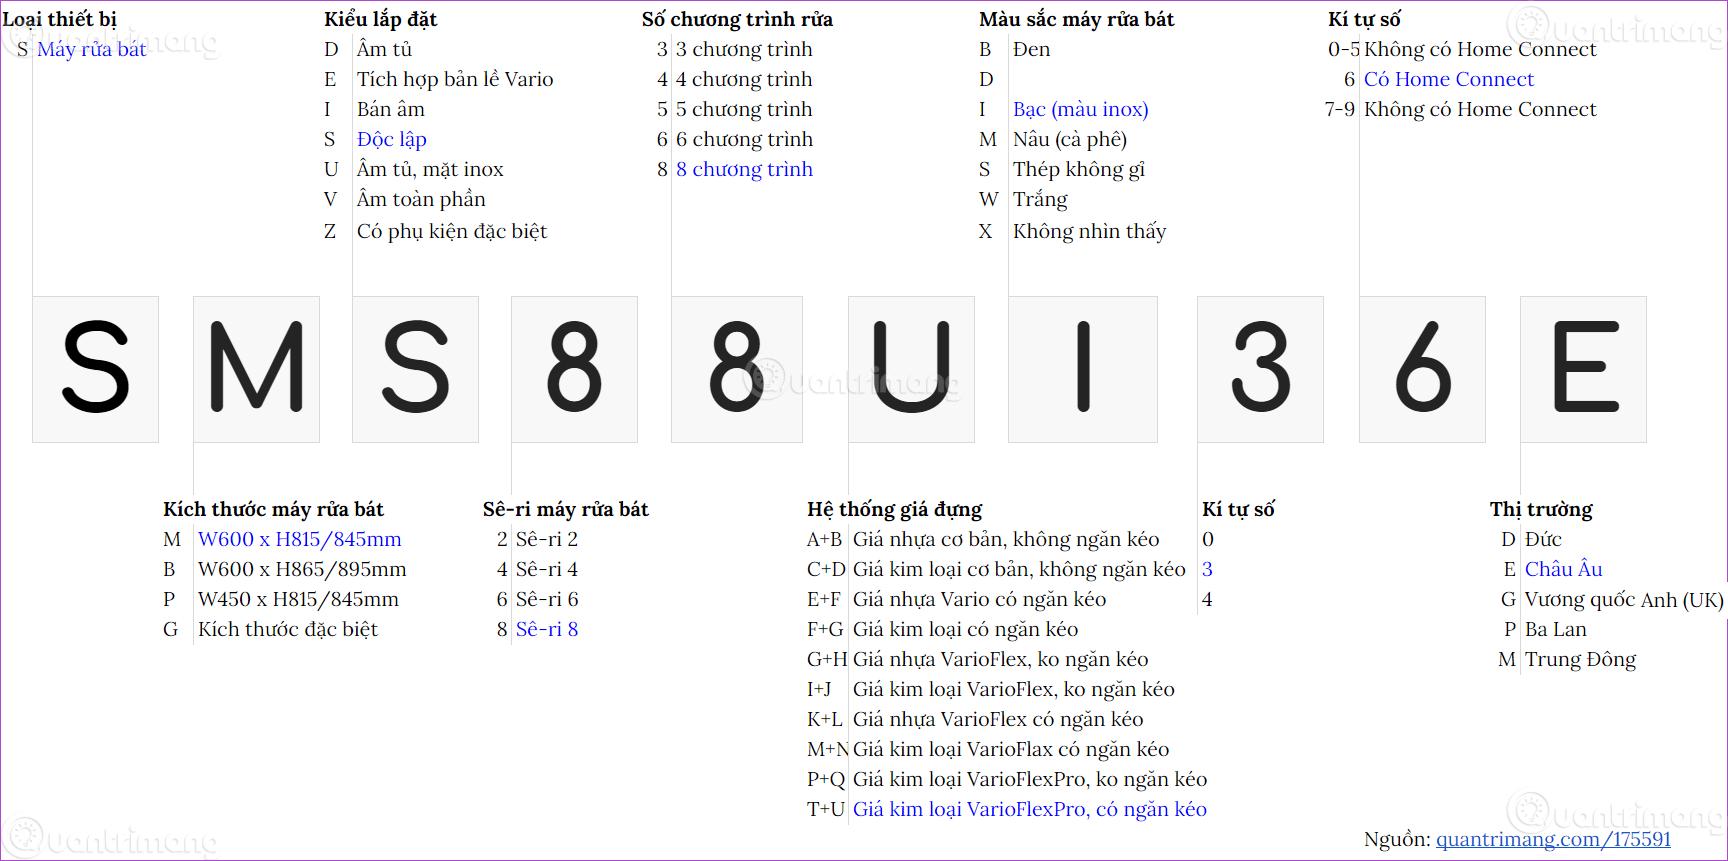 Giải mã các kí tự trong tên của máy rửa bát Bosch